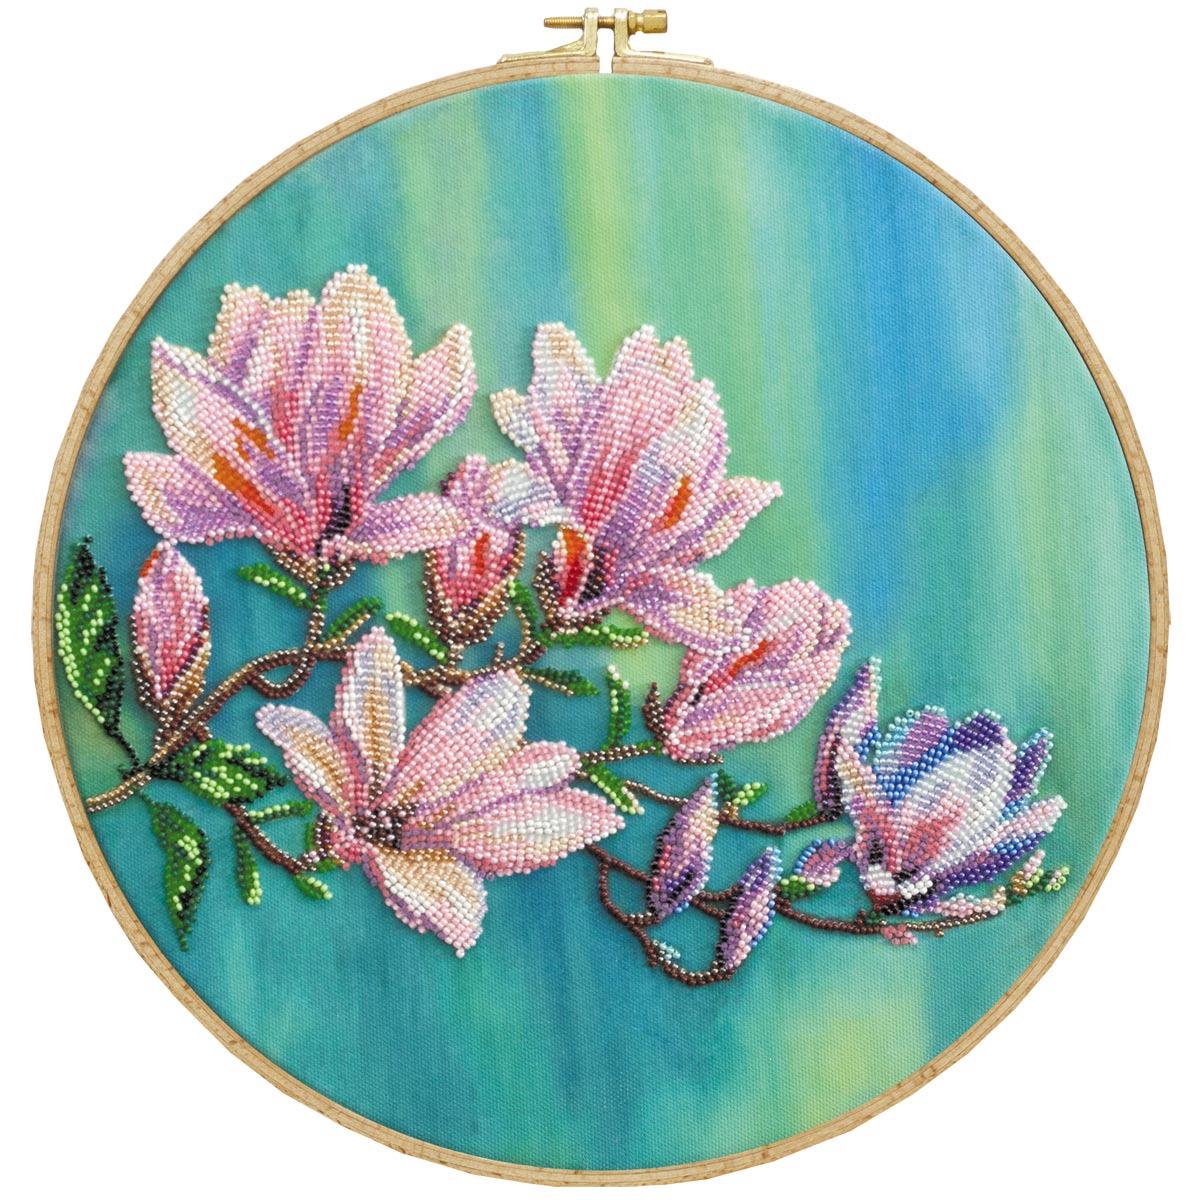 АВ-806 Набор для вышивания бисером 'Магнолии цветут' 33*33см